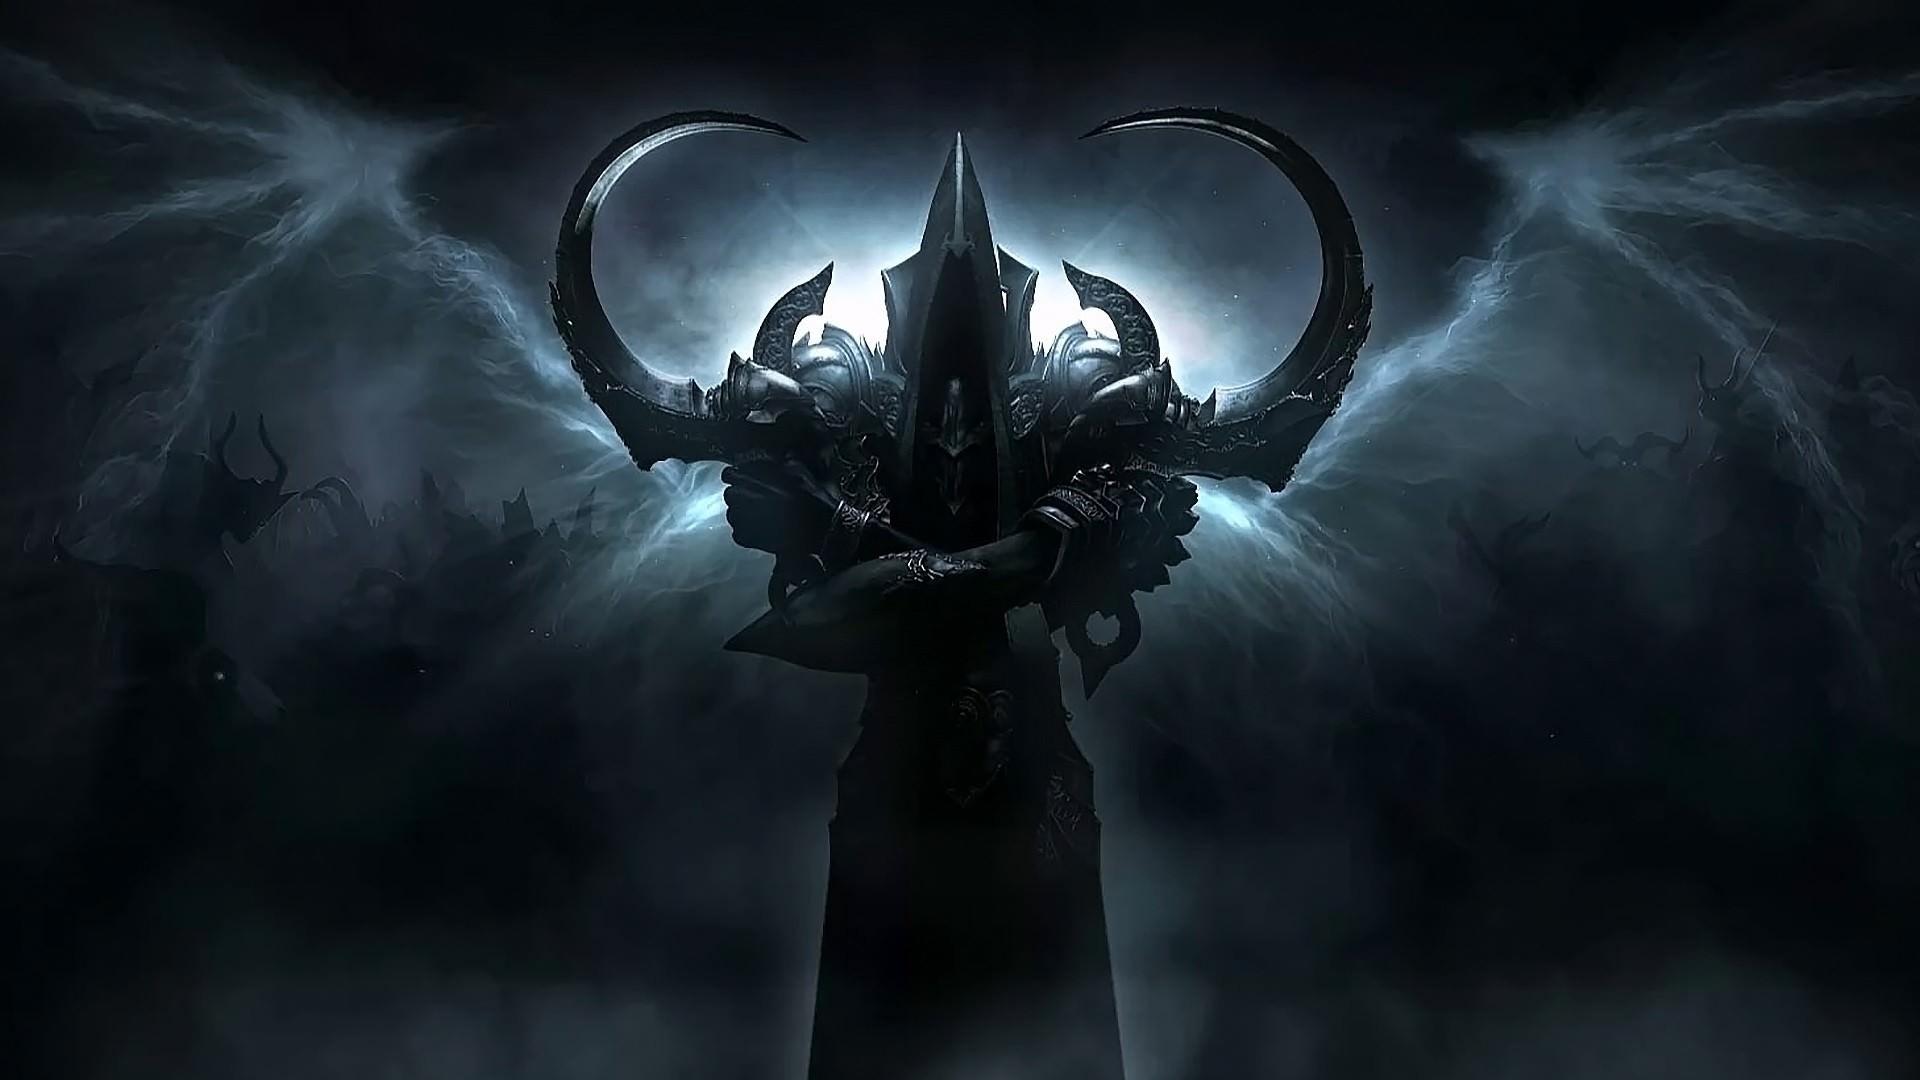 Diablo 3 Malthael Wallpaper 61 Images